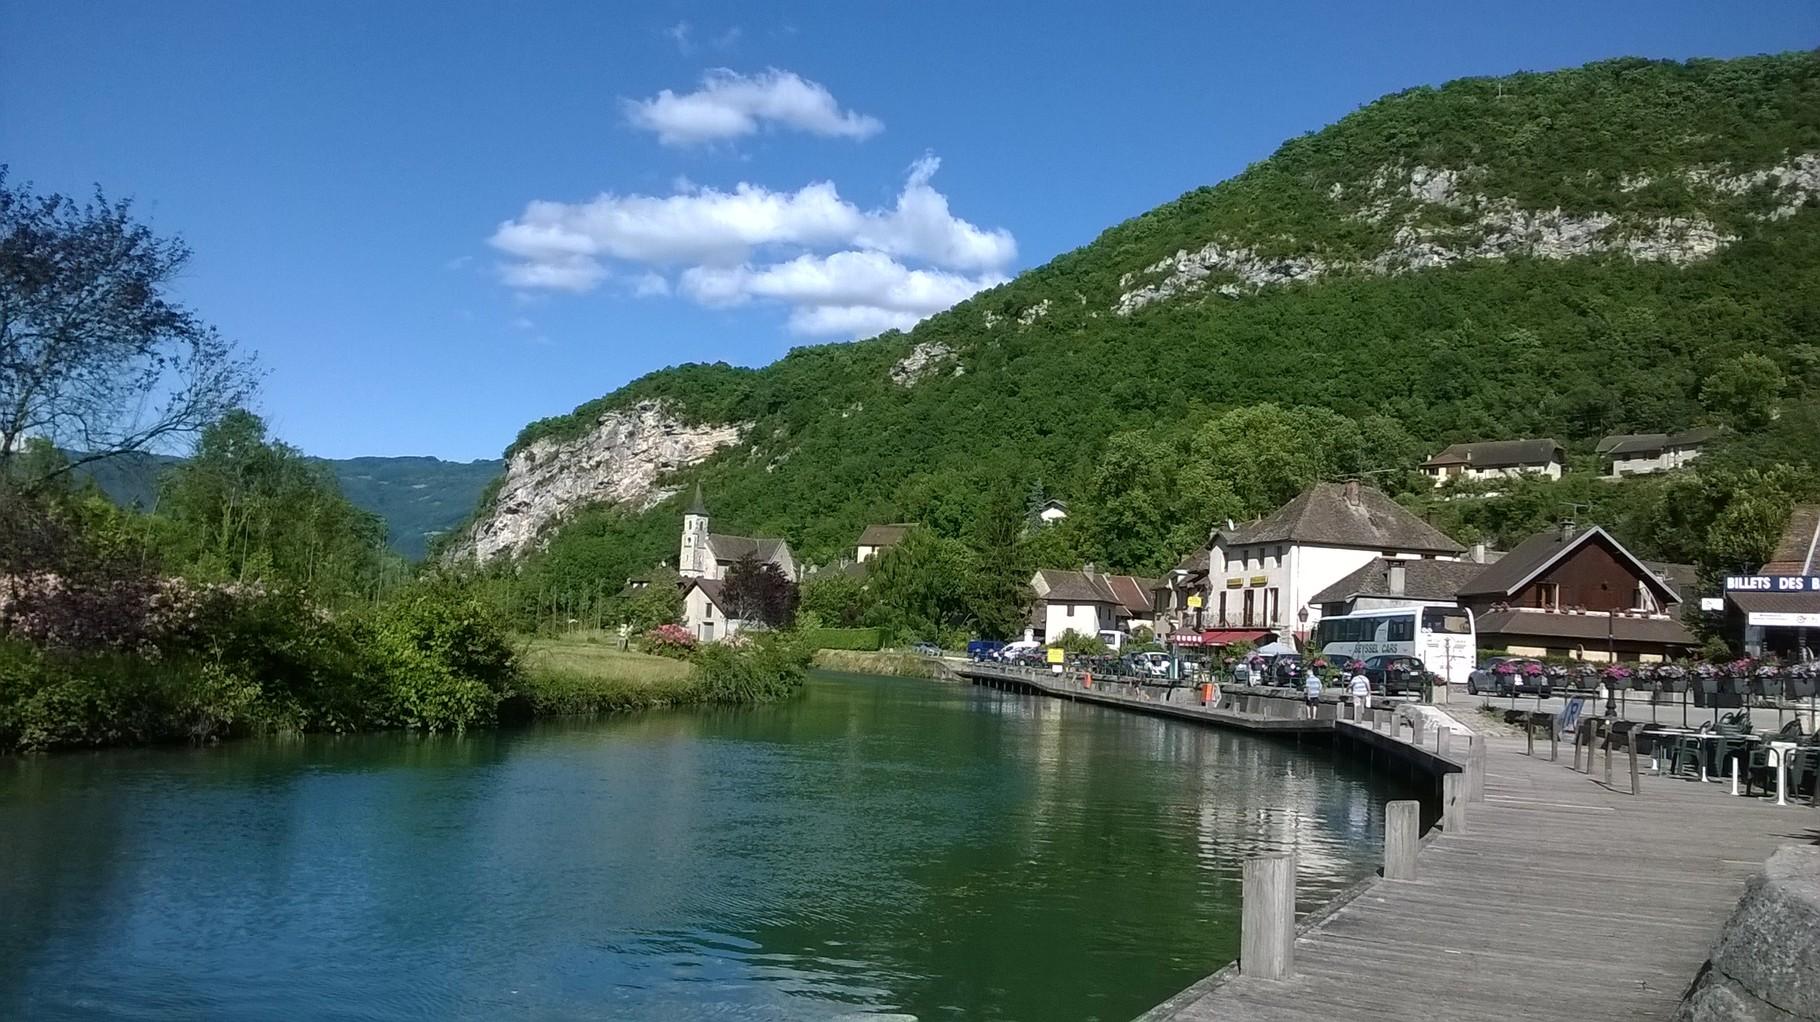 Le village de Chanaz au bord du canal de Savière